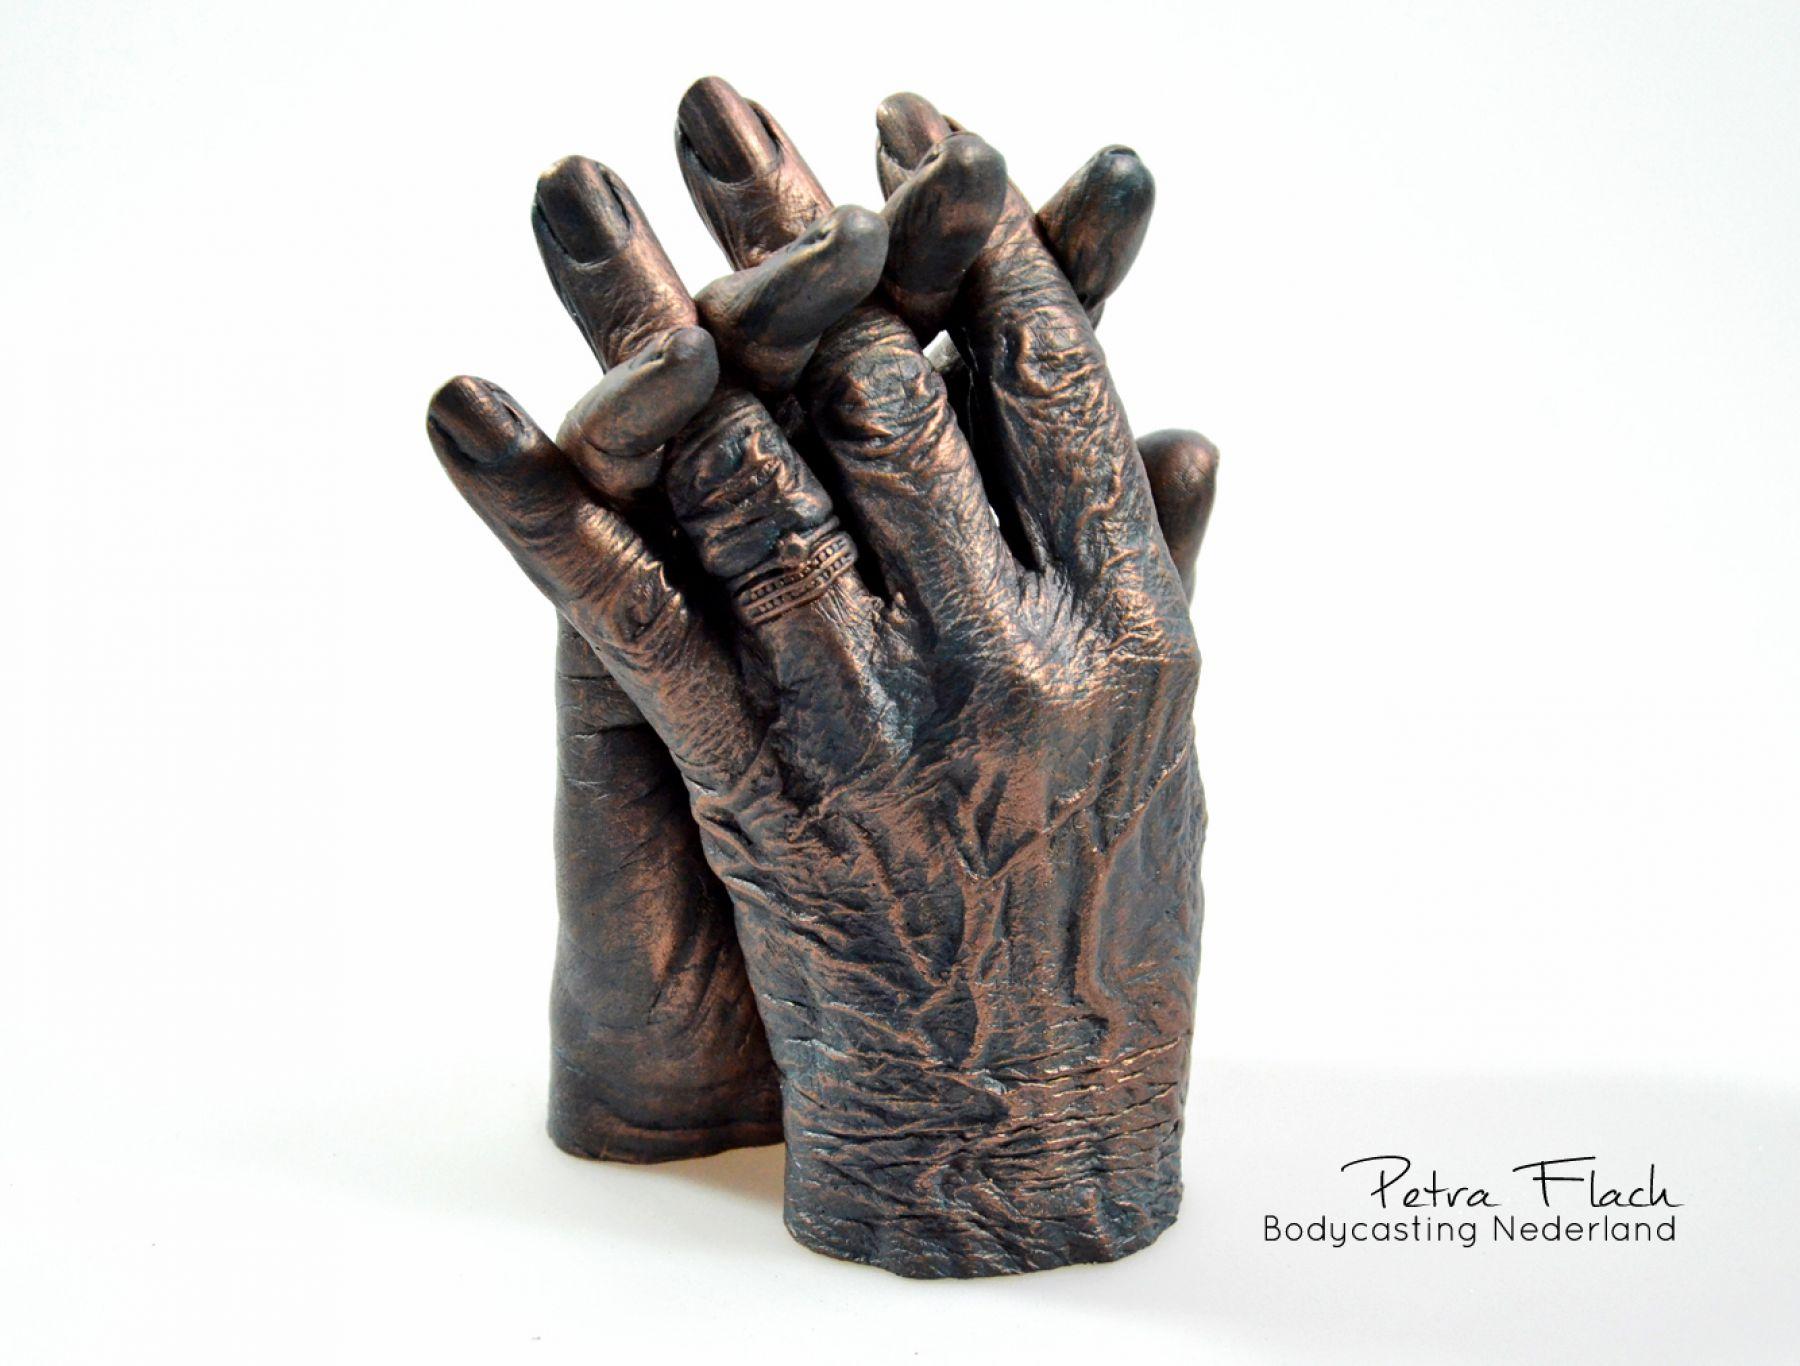 Bodycasting-lifecasting-handbeeld-liefde-afscheid-handen-beeld-3D-casting-handafdruk-handkunst-art-petraflach-bodycastingnederland